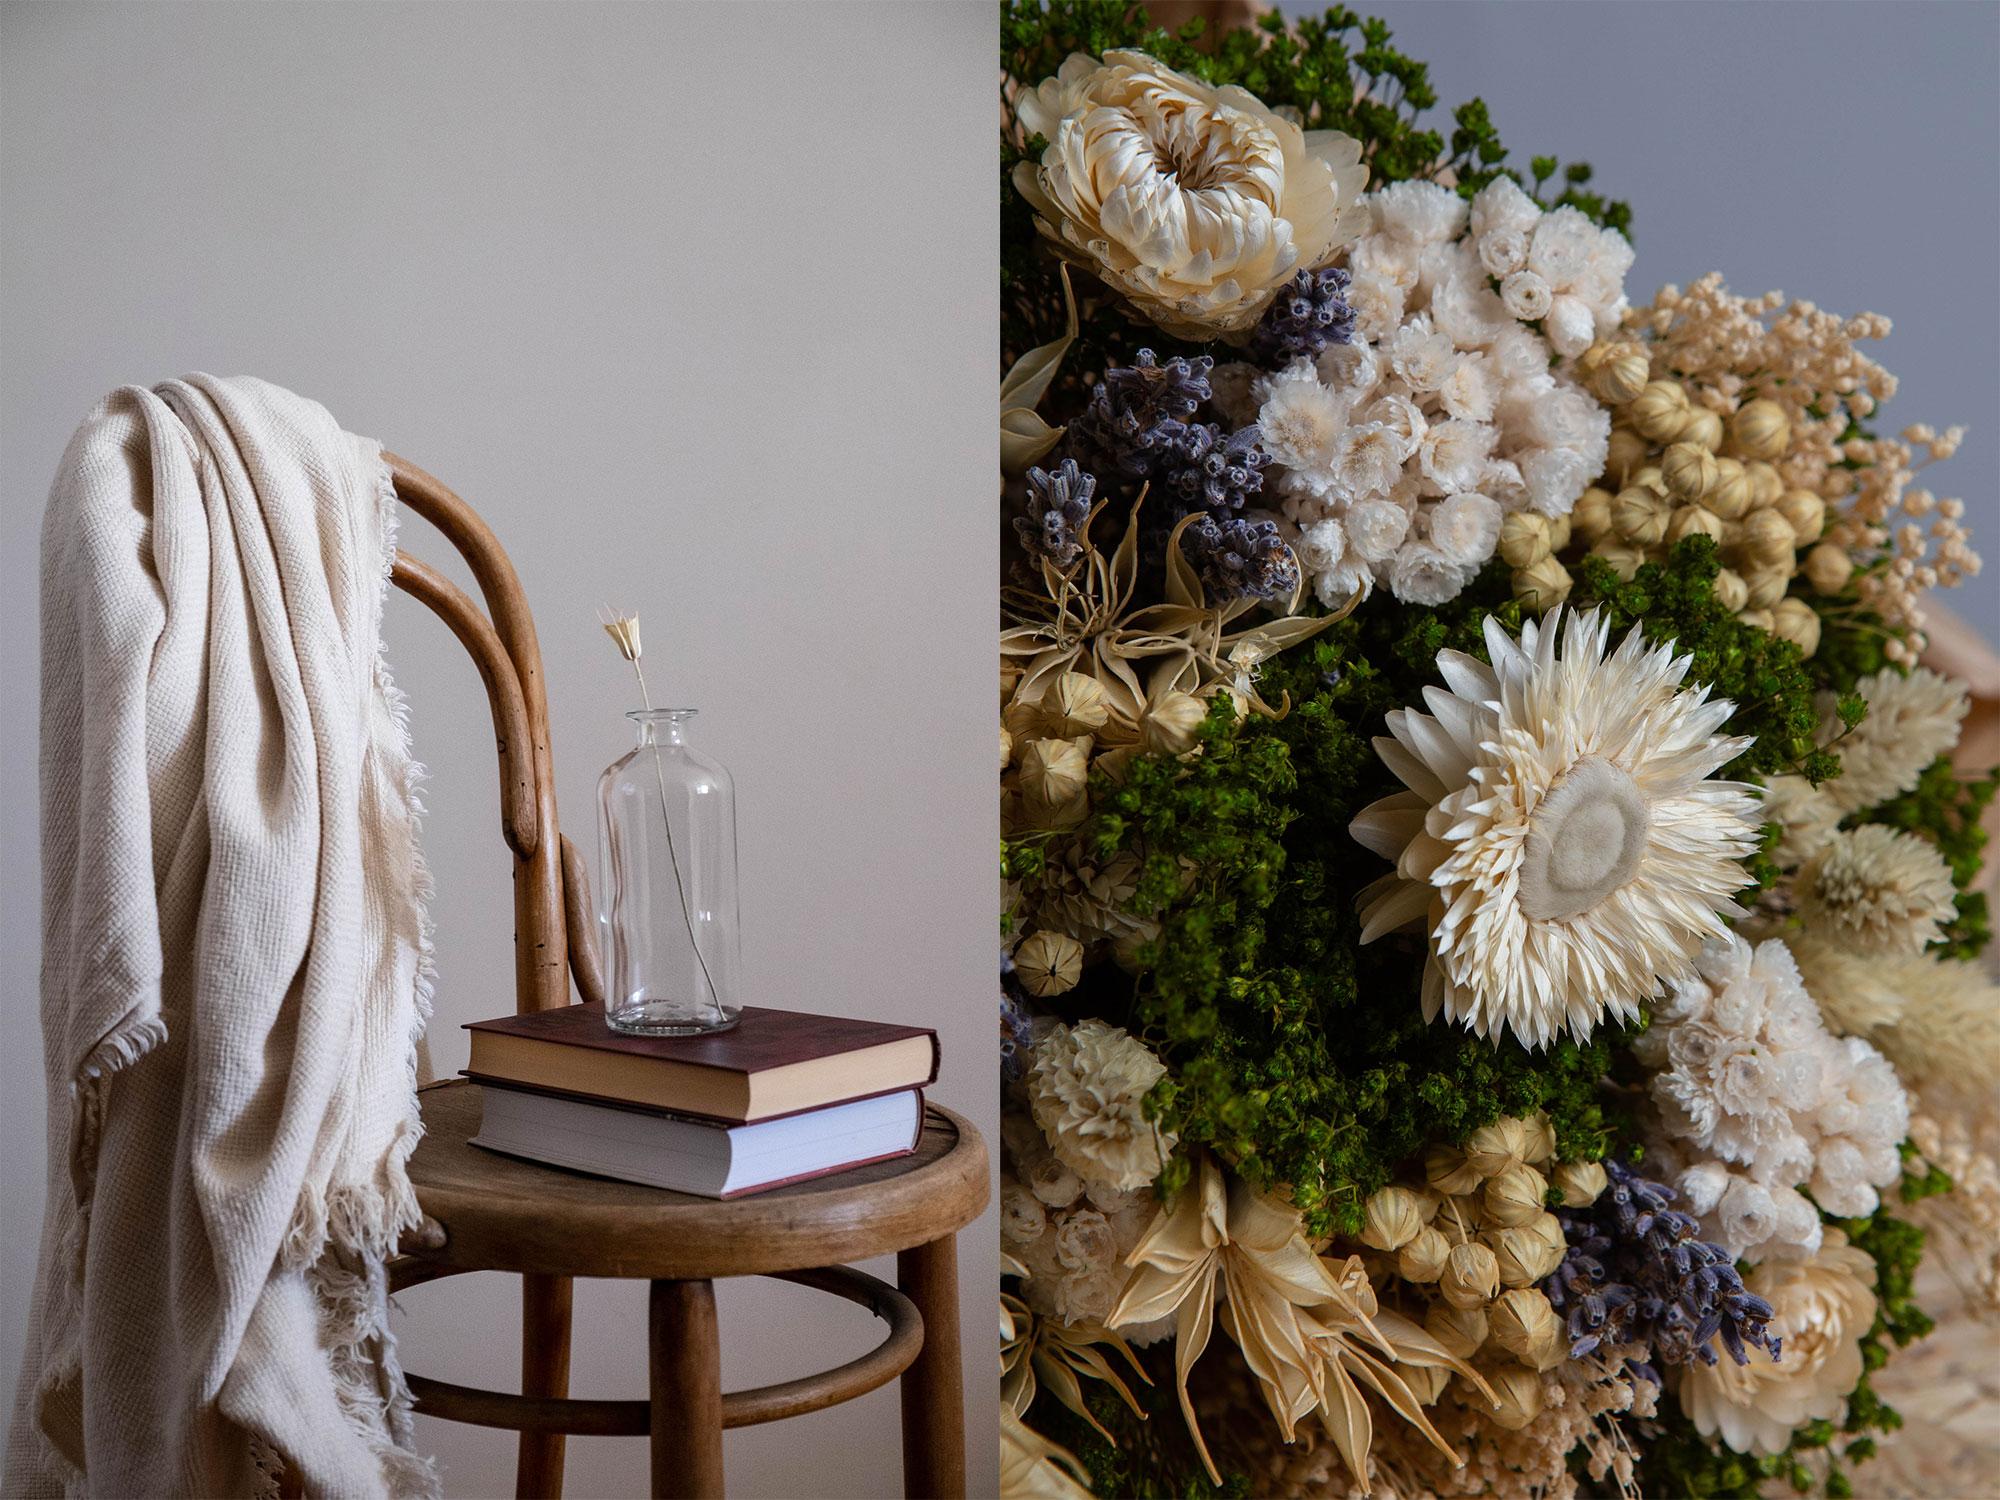 fotografia di prodotti naturali e artigianali , con stile minimale a Torino e Piemonte